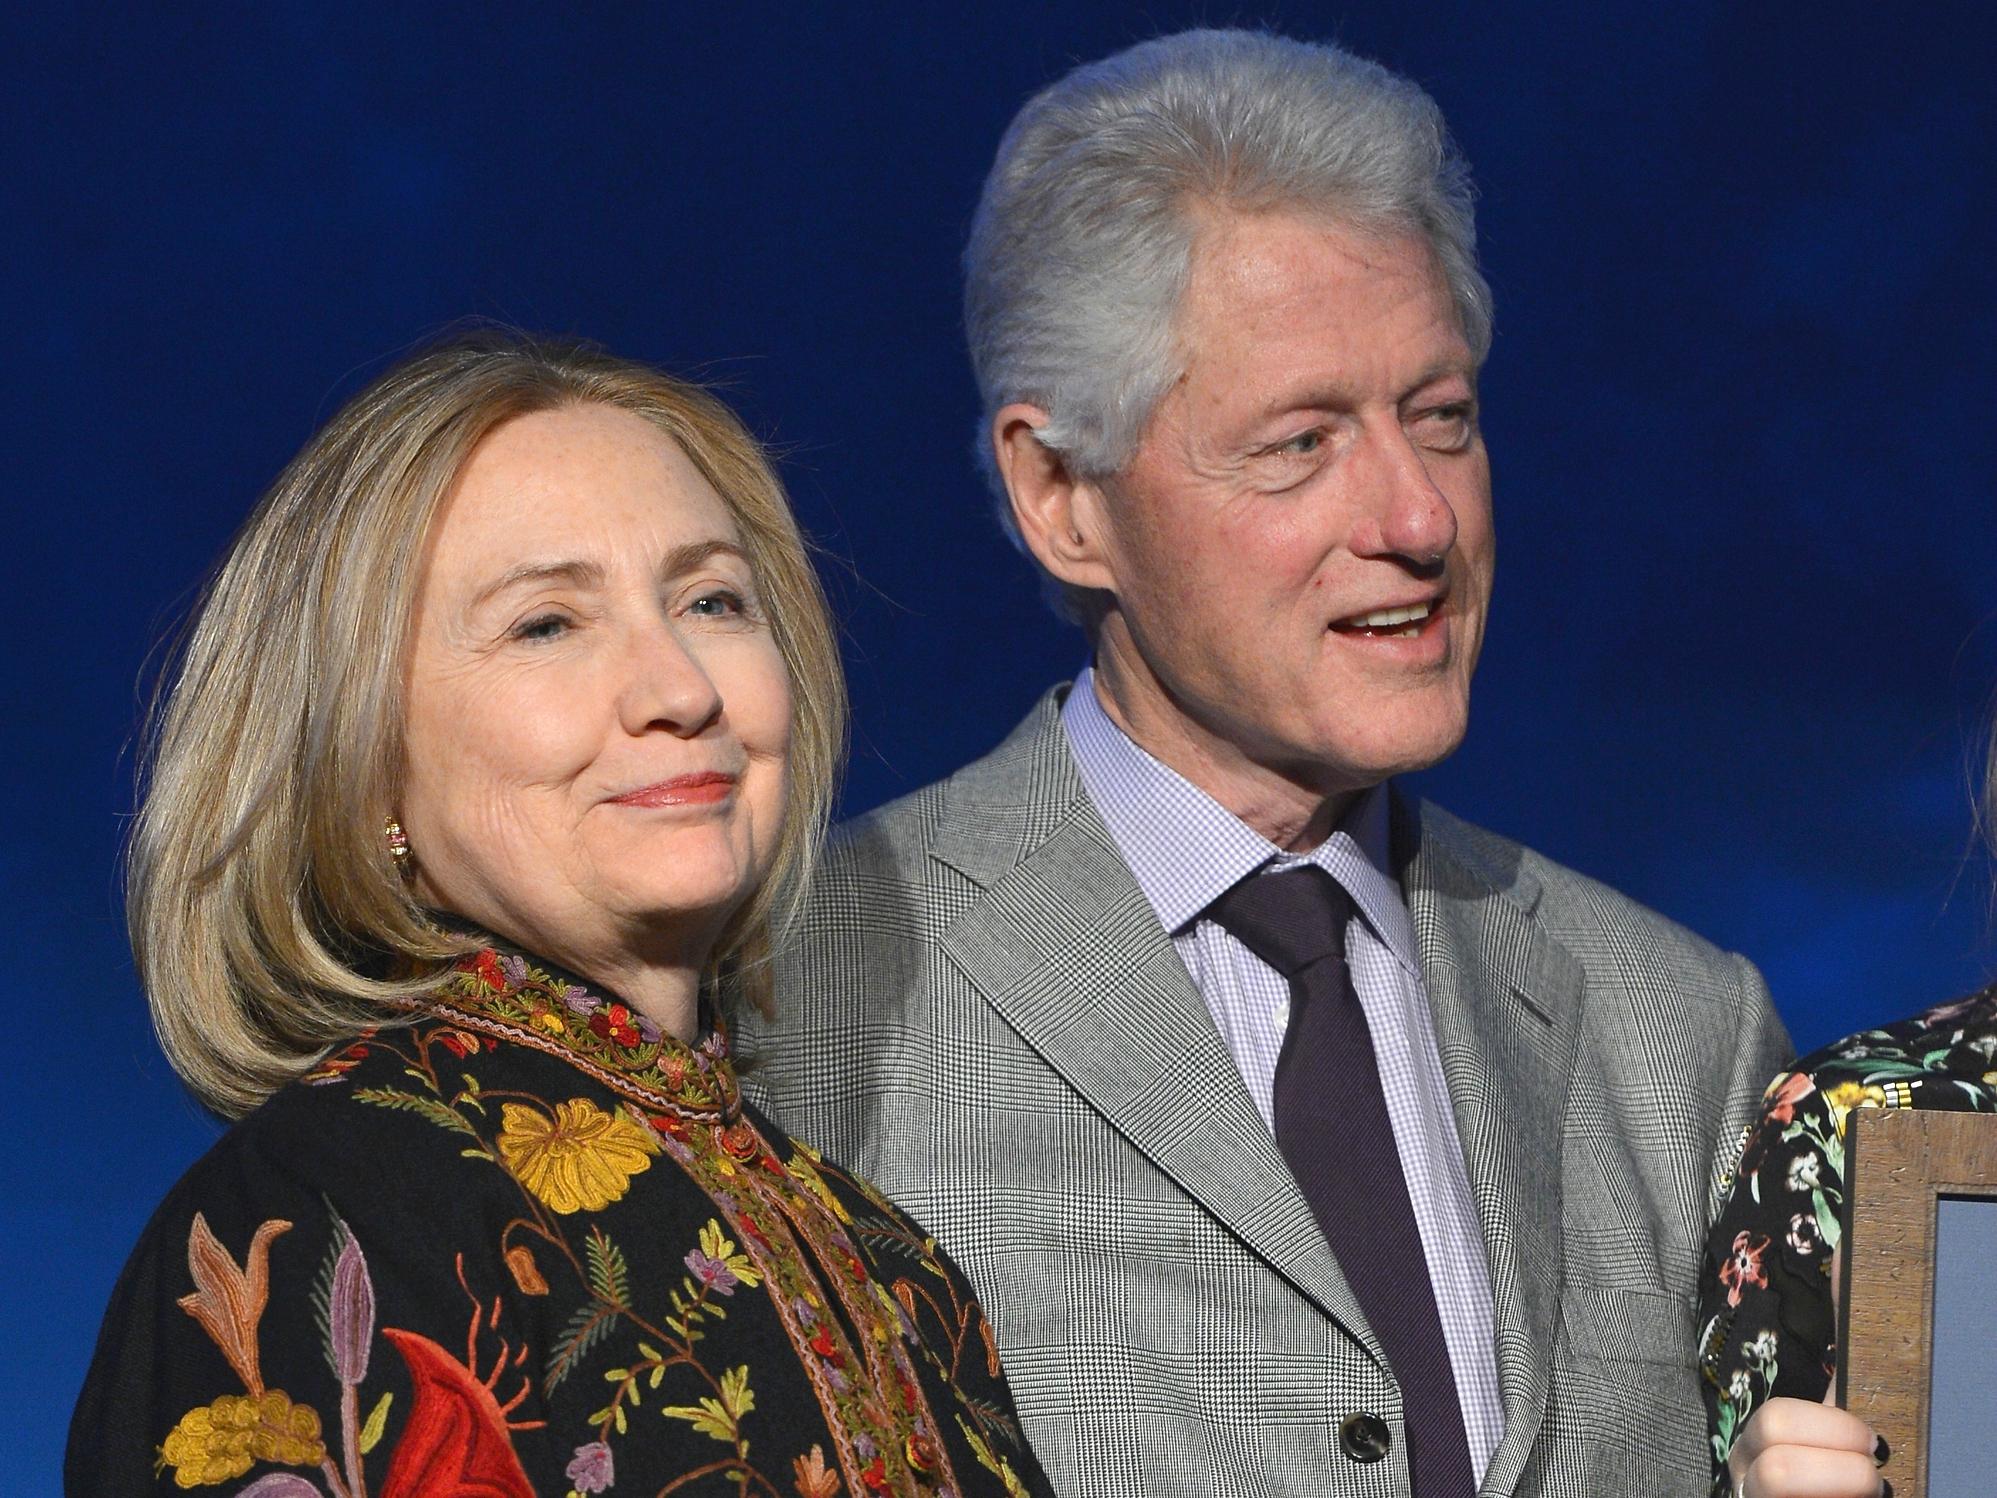 Бывшая госсекретарь США Хиллари Клинтон  И бывший президент США  Билл Клинтон.